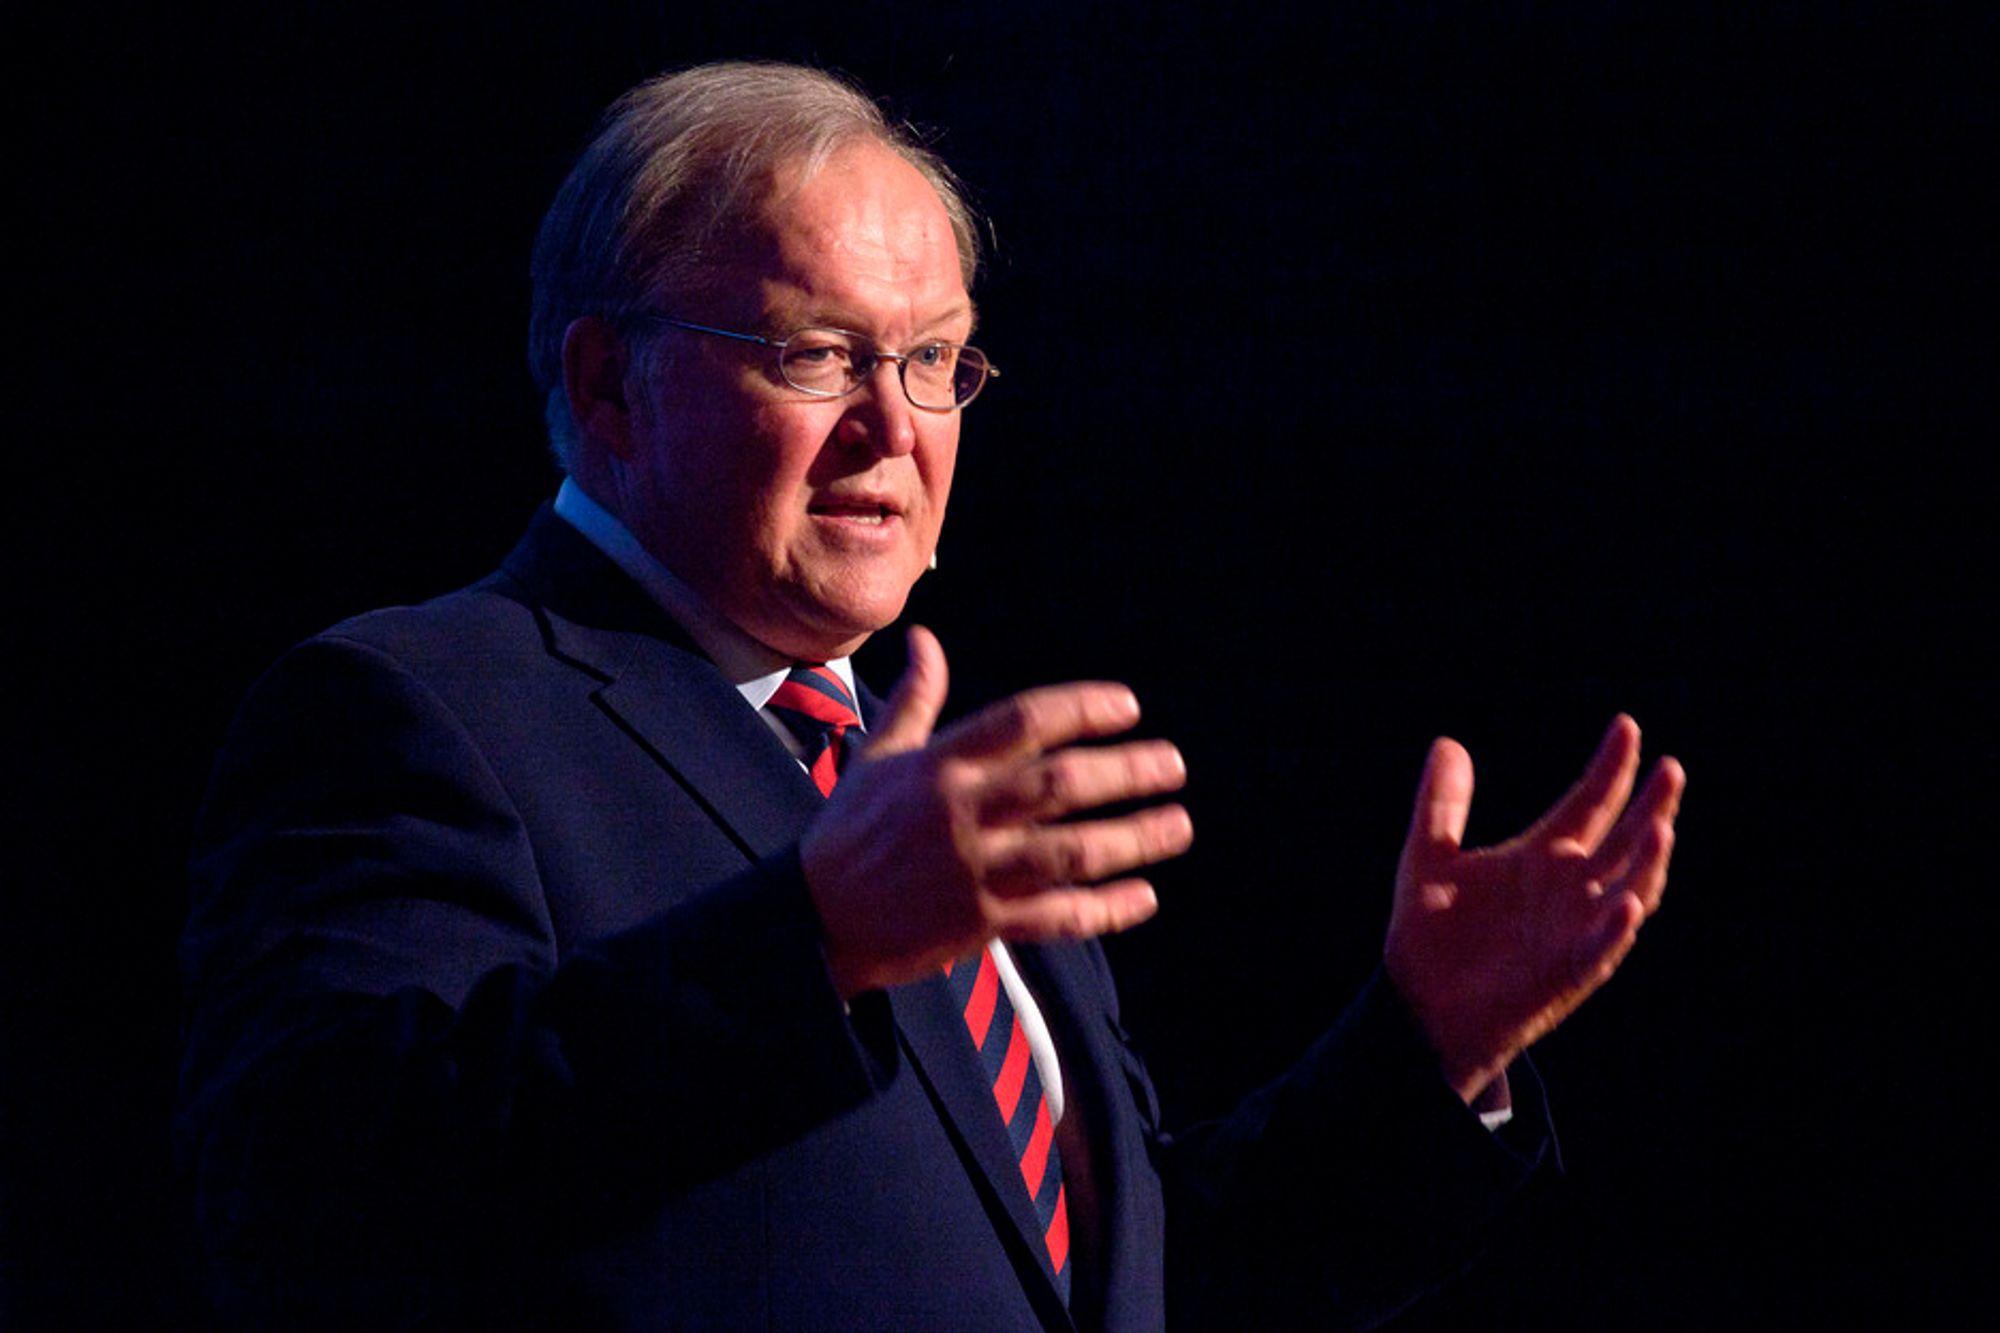 SATSER: - Kineserne er godt forberedt og de mener at løsningen er satsing på ny teknologi, sier Göran Persson.